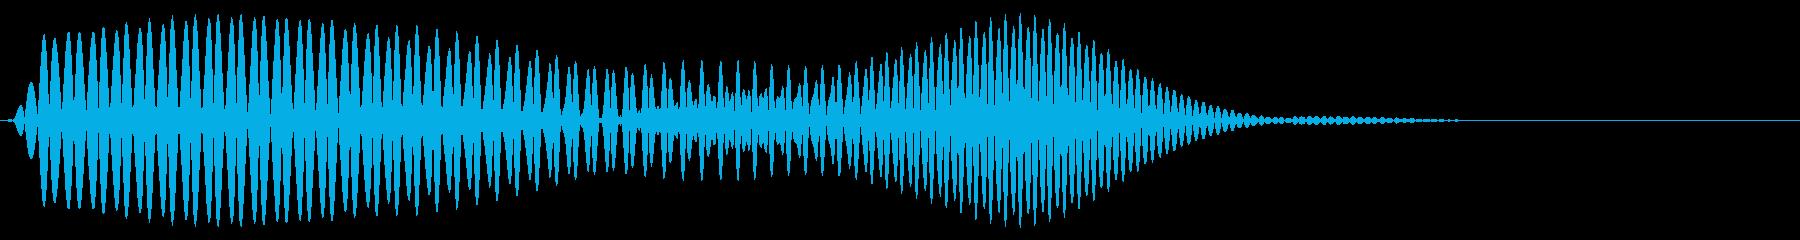 レトロでちょっぴり可愛らしいボタン音01の再生済みの波形